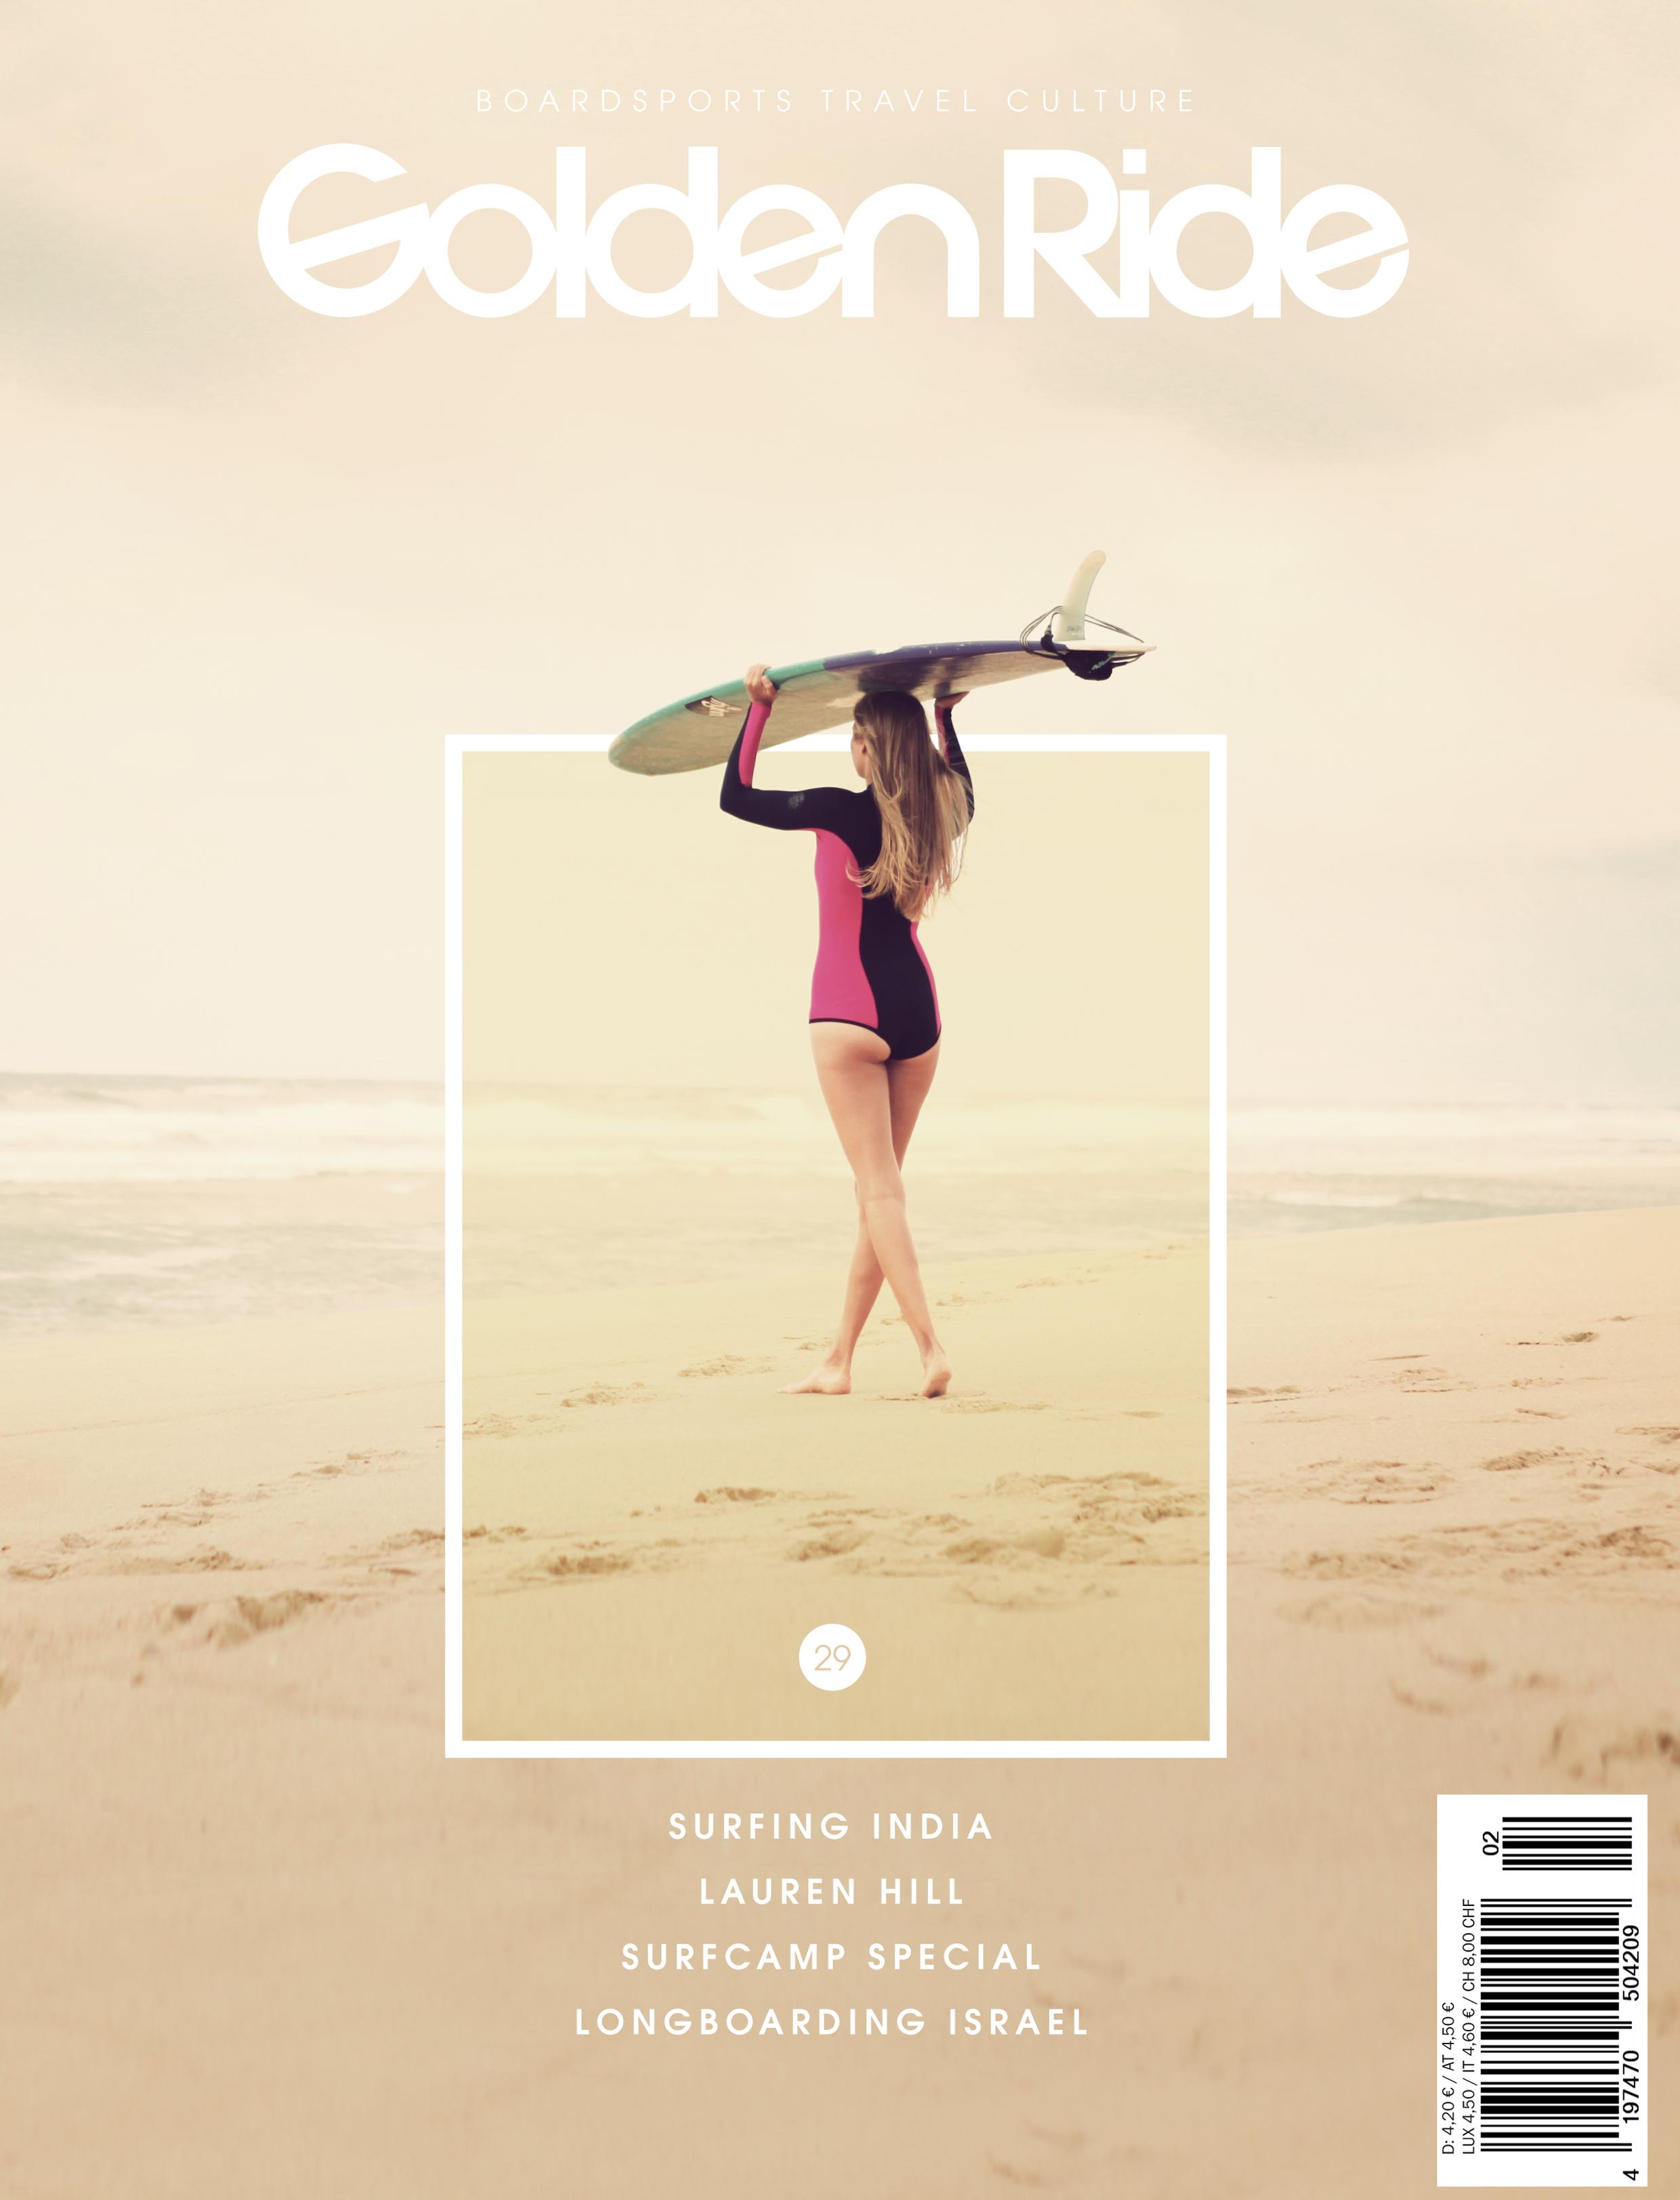 GoldenRide-cover